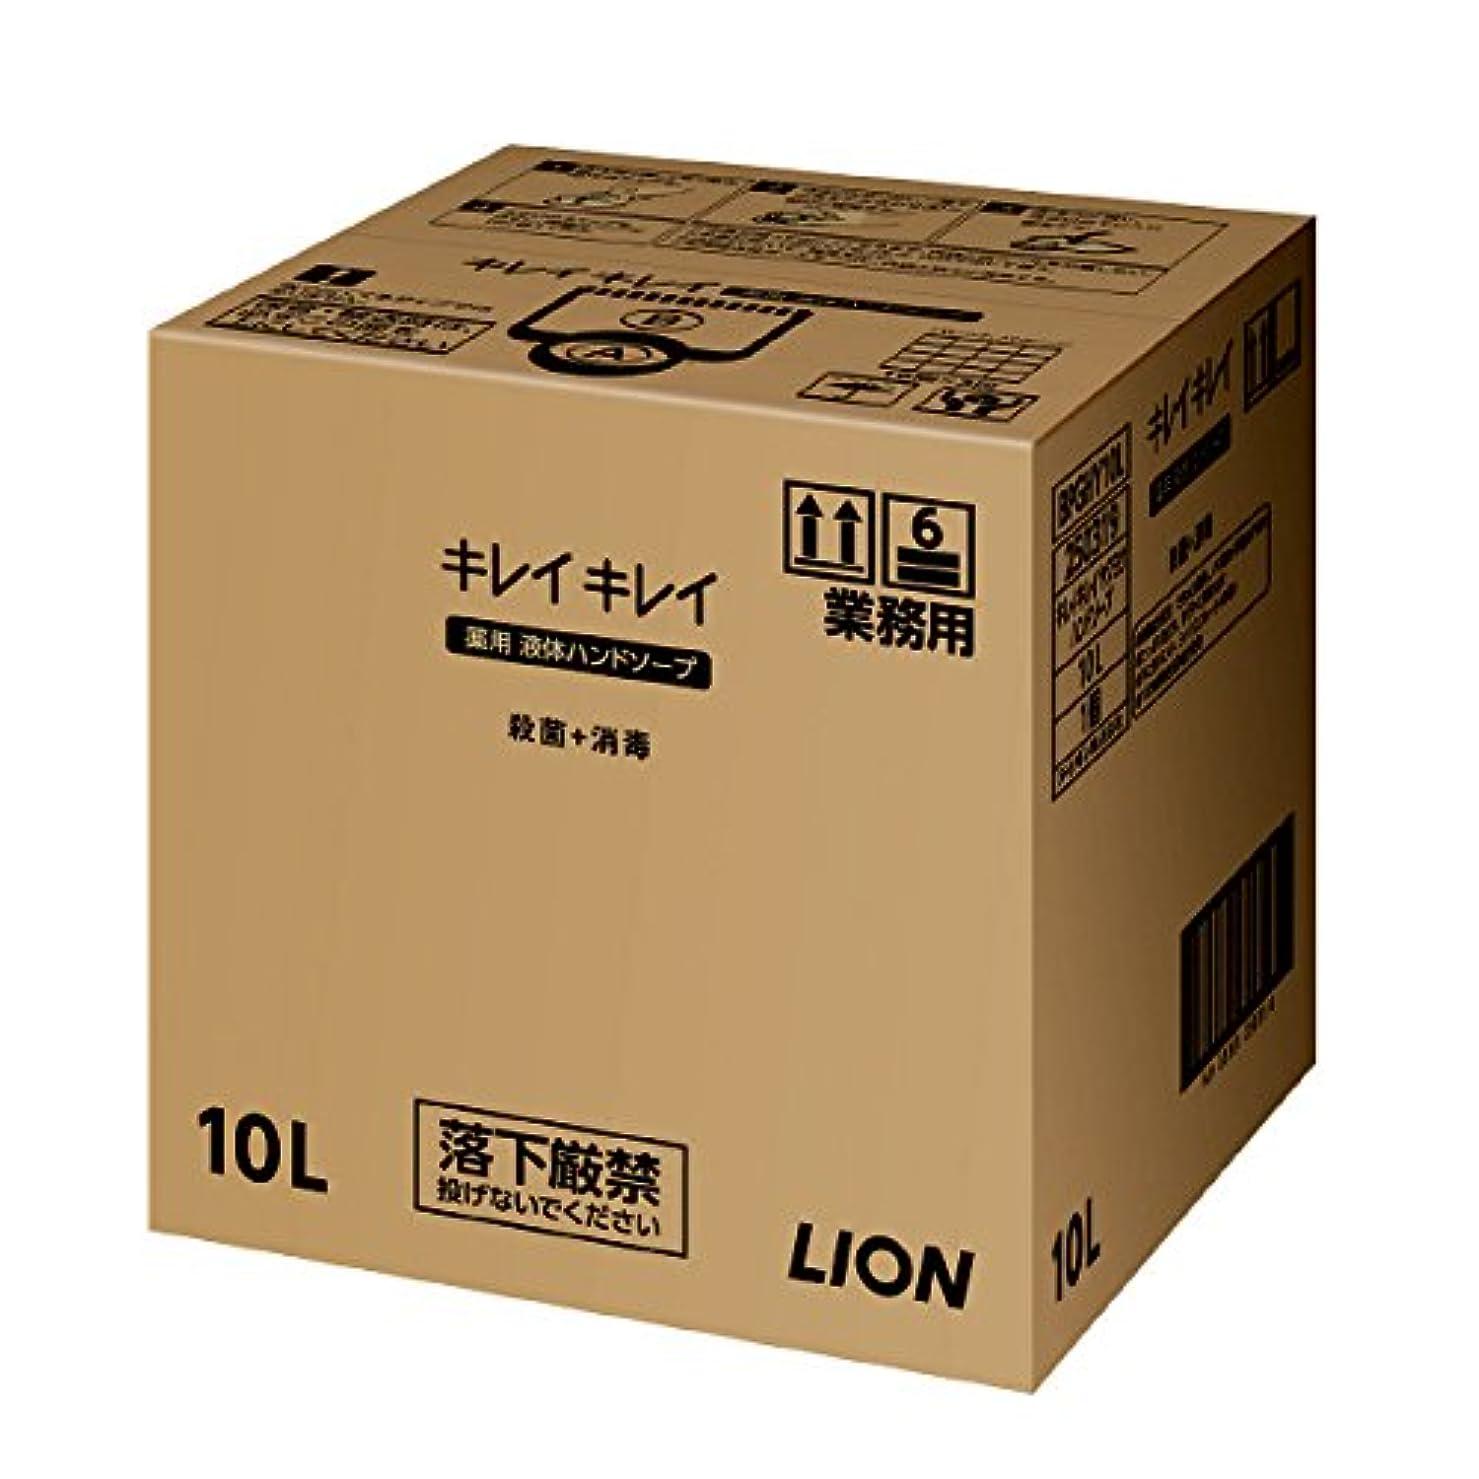 ファンド心臓ファランクスキレイキレイ薬用液体ハンドソープ10L(専用コック付き)